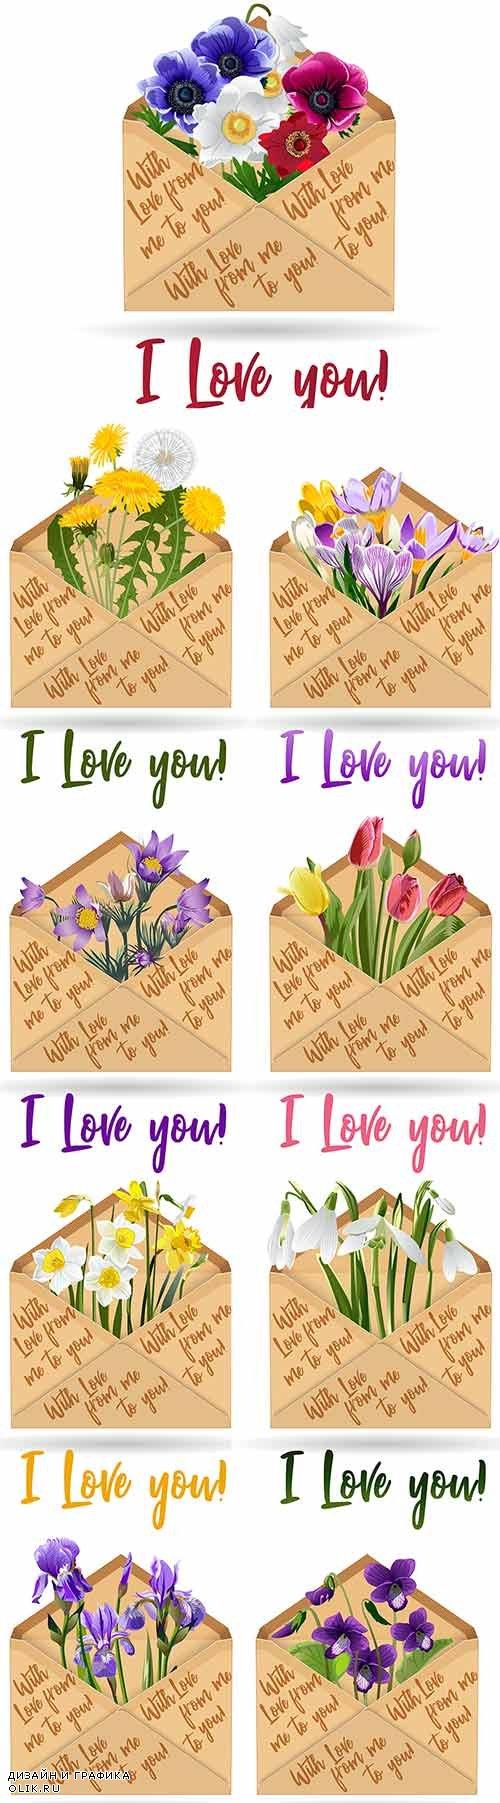 Цветы в конверте - Векторный клипарт / Flowers in envelope - Vector Graphics